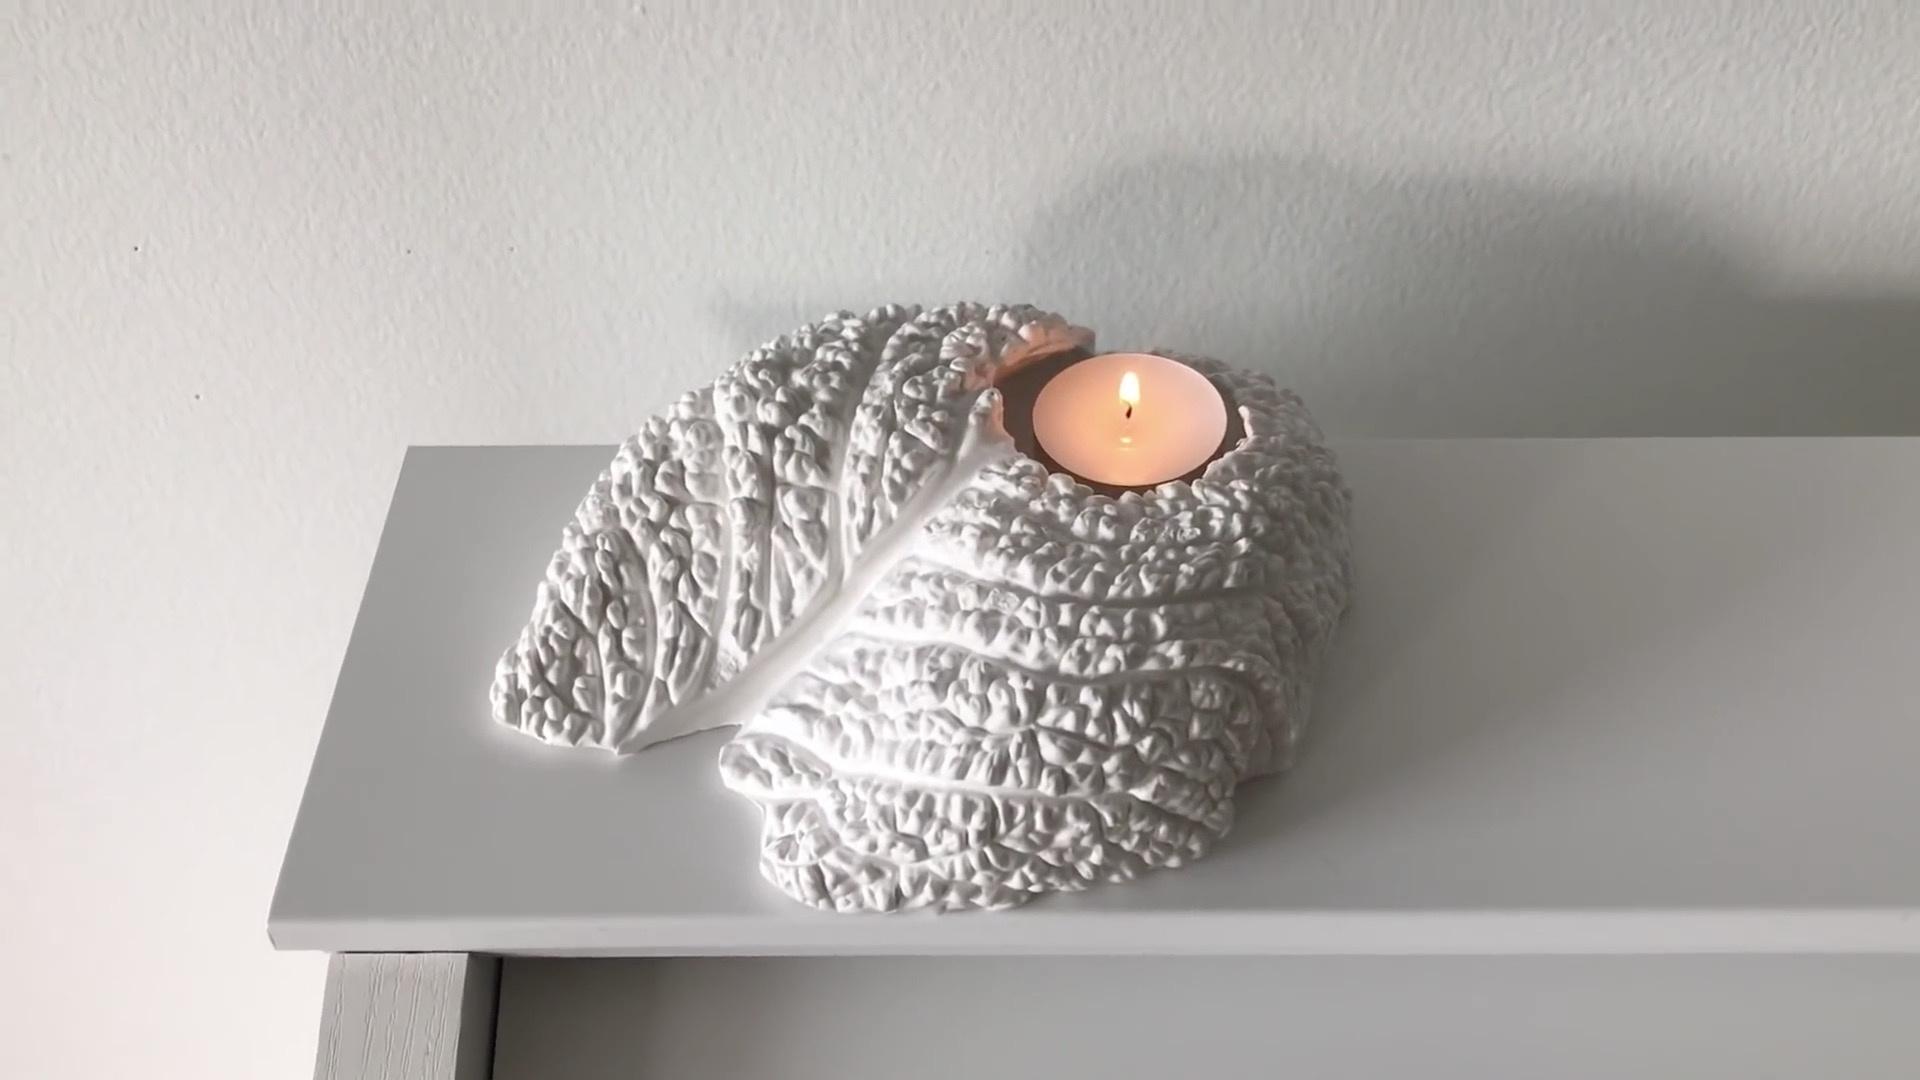 创意植物拓印DIY教程:油基粘土+石膏+包菜的奇怪组合,DIY手工制作植物纹理的石膏烛台